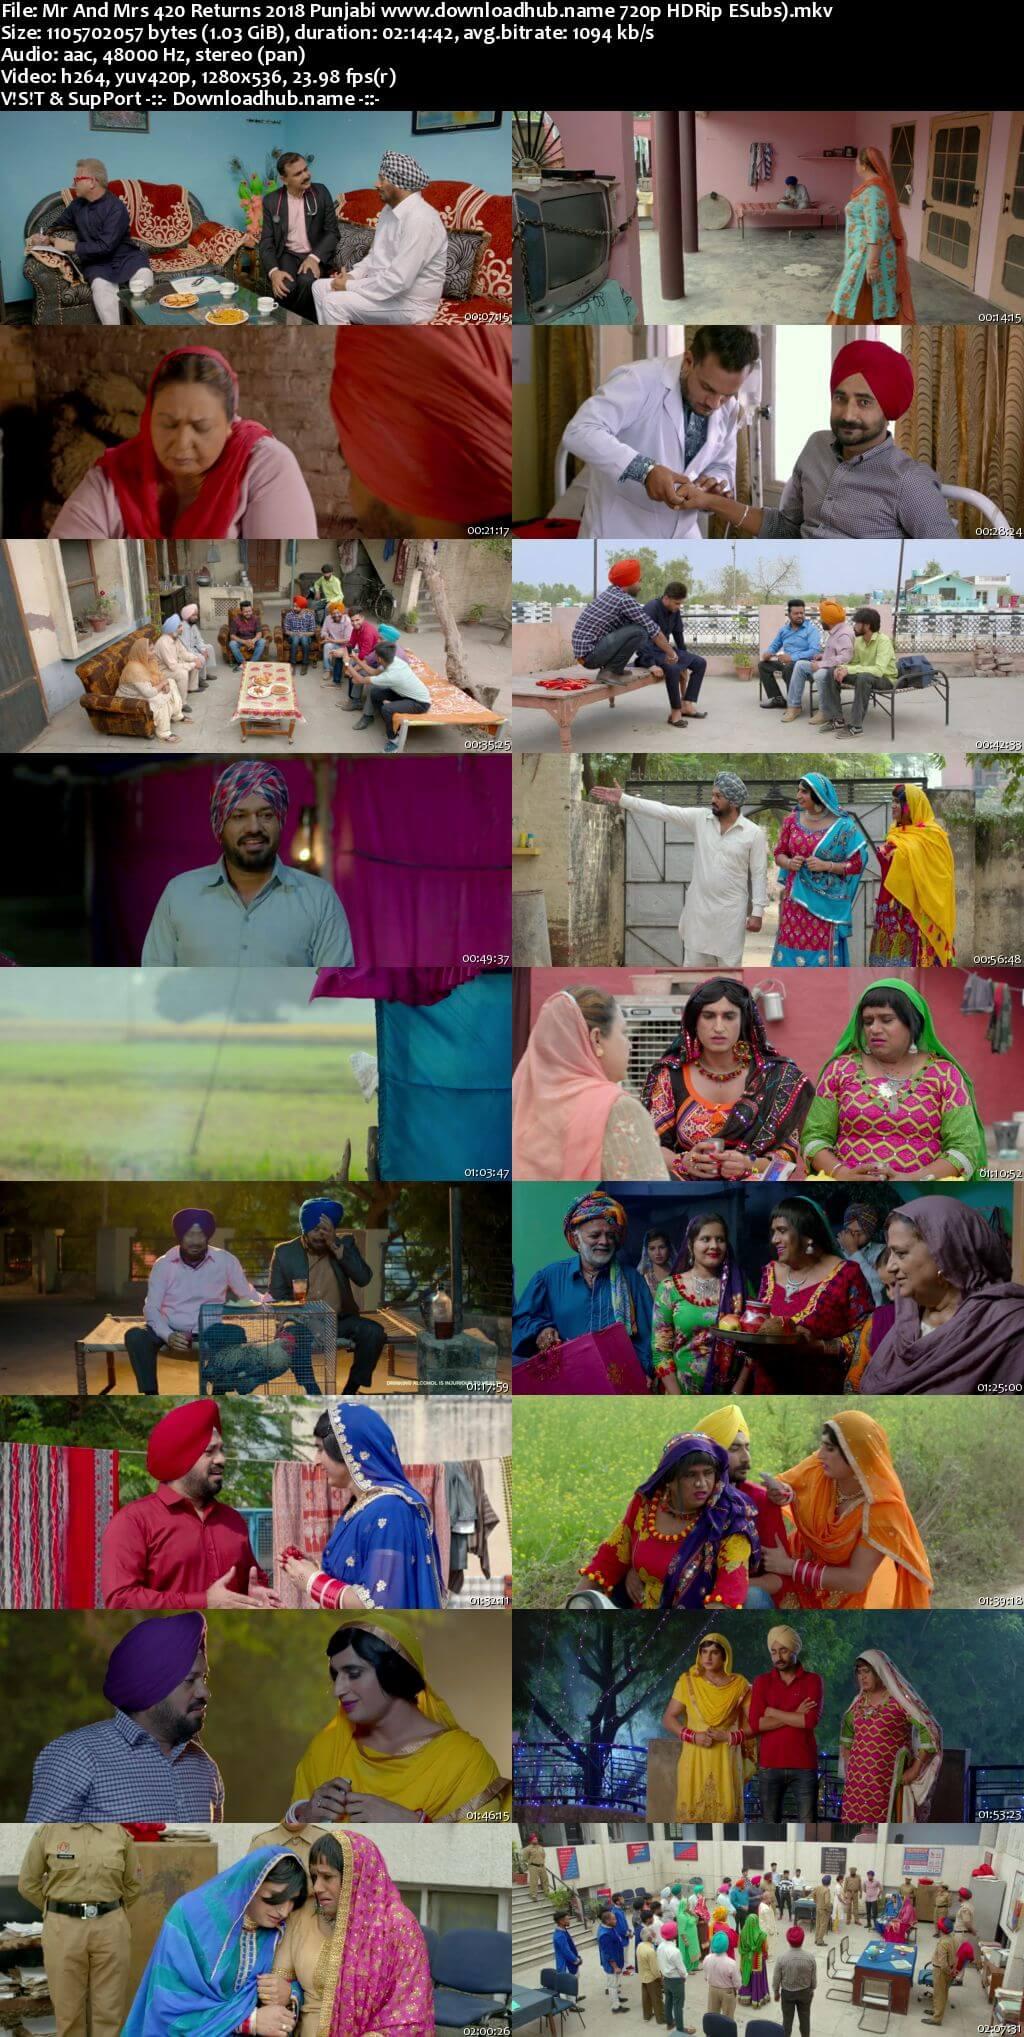 Mr And Mrs 420 Returns 2018 Punjabi 720p HDRip ESubs